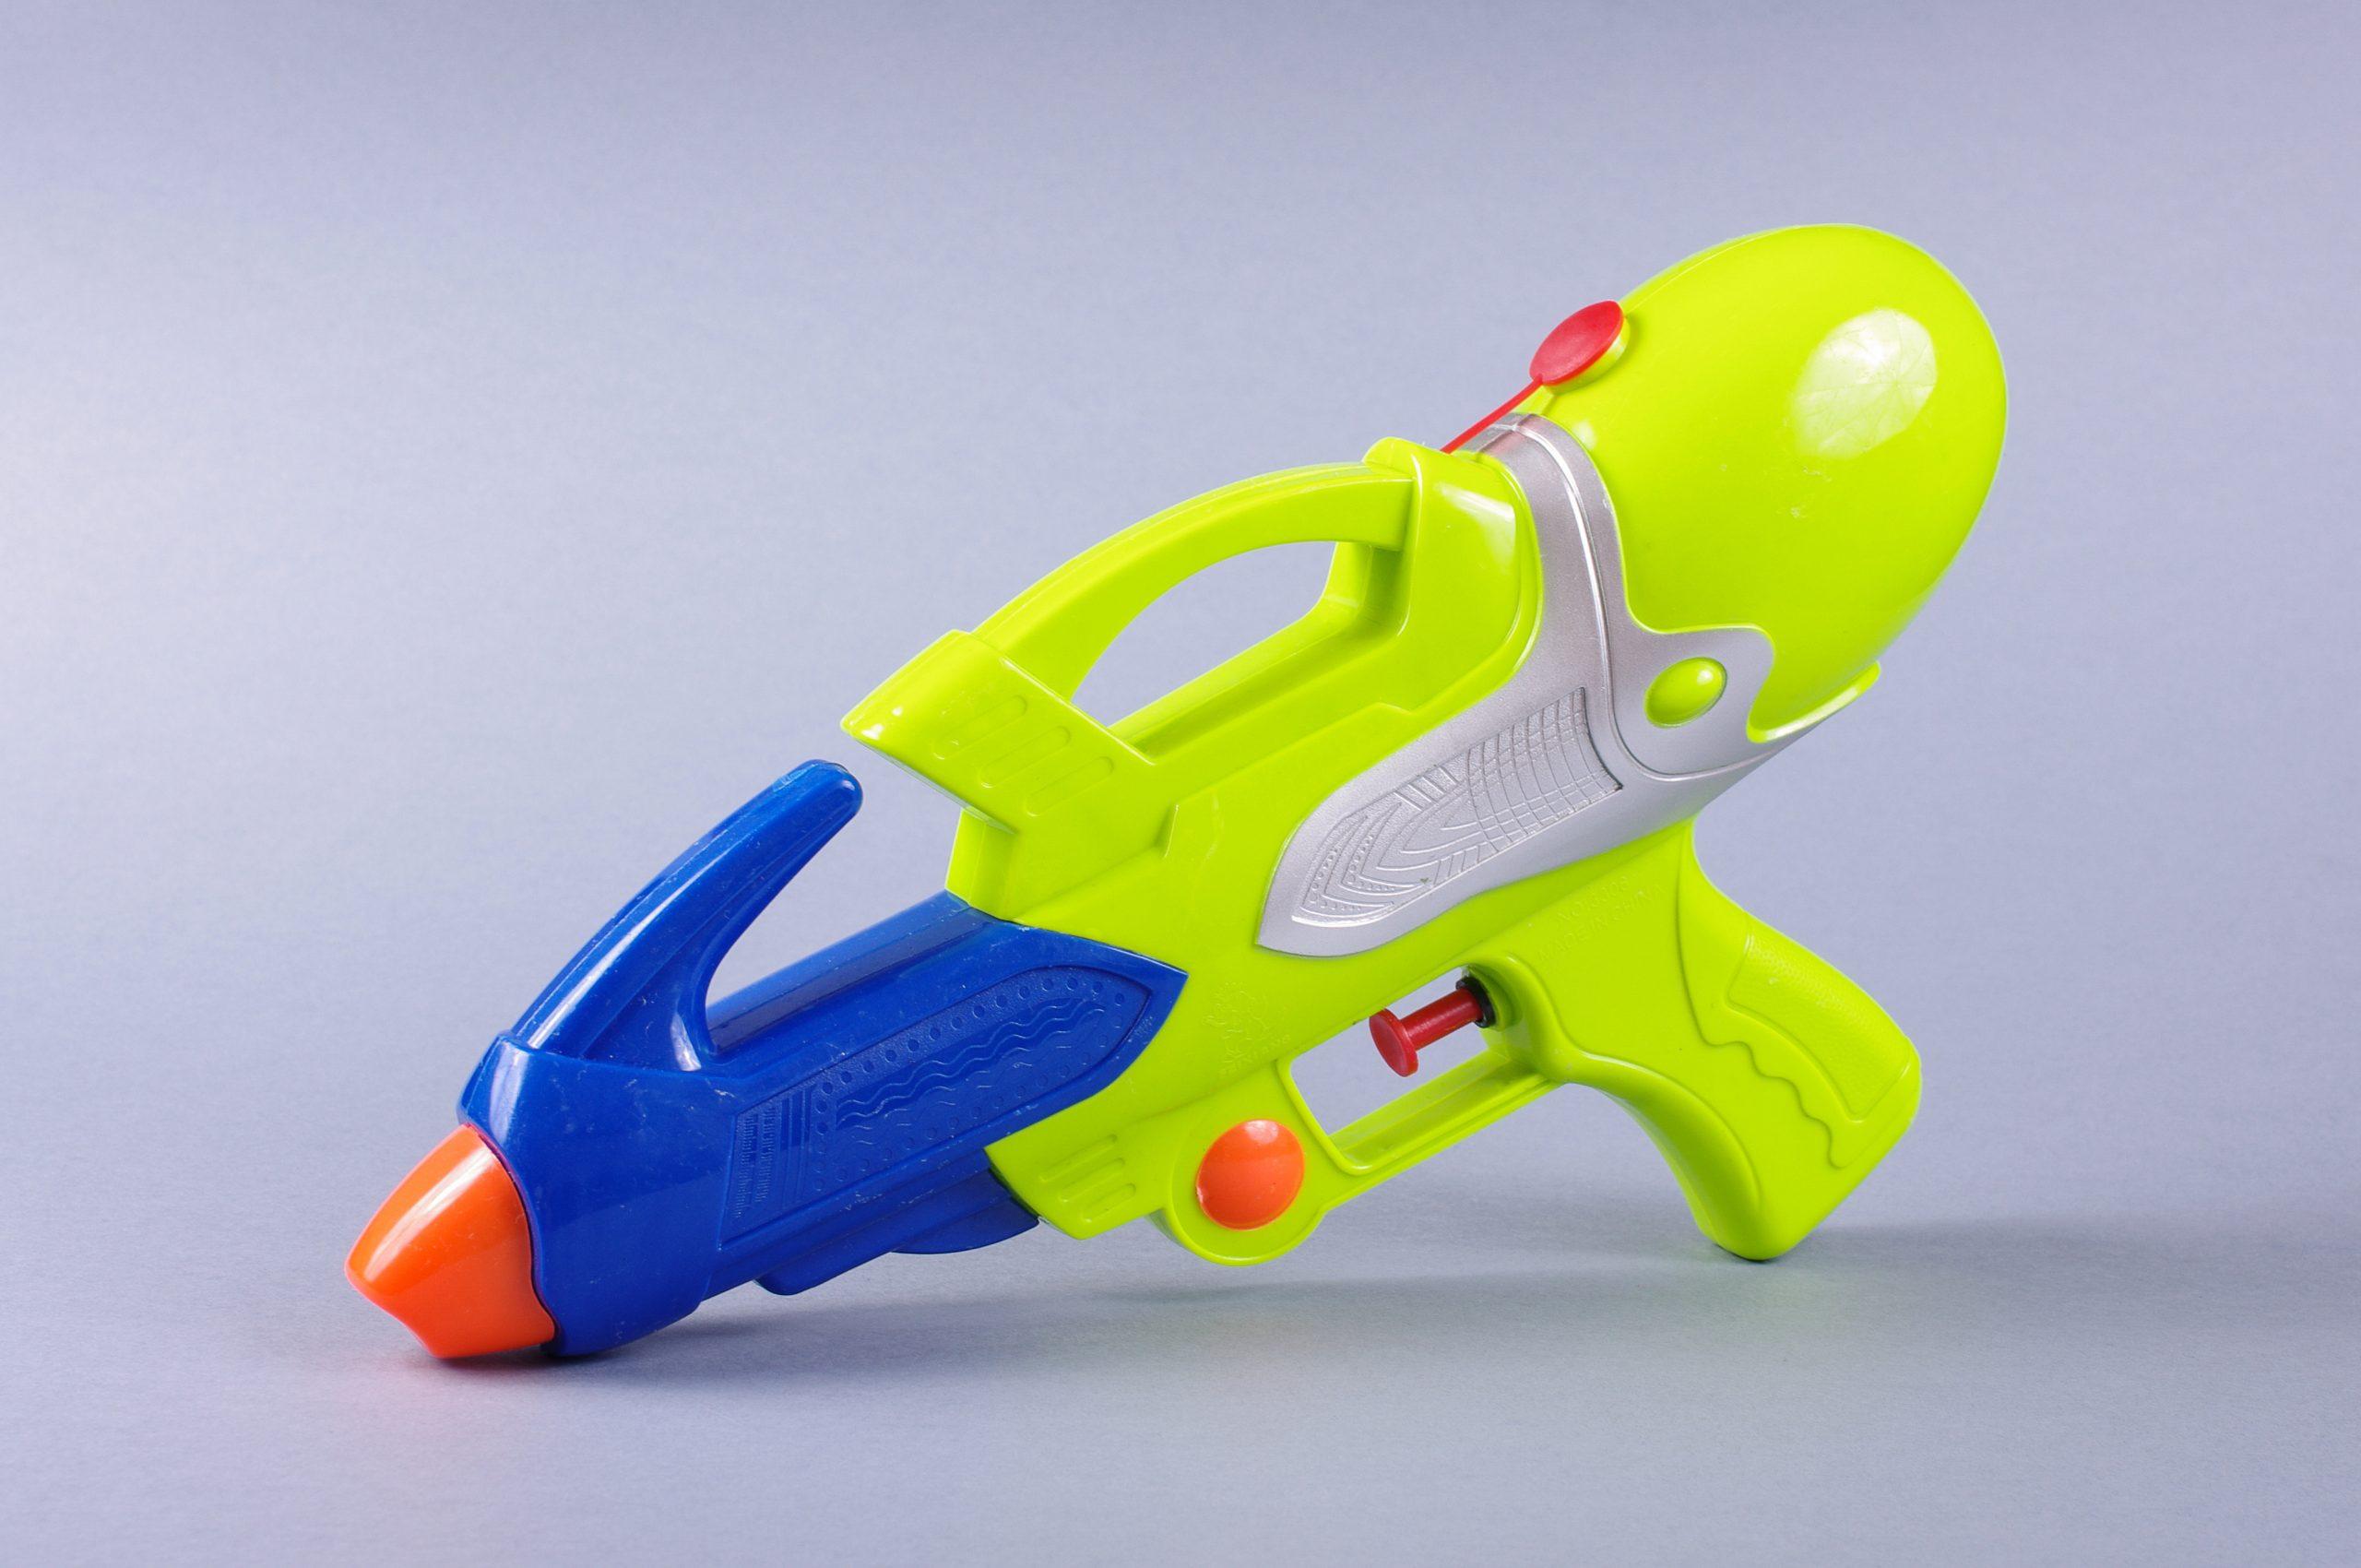 Wasserspritzpistole: Test & Empfehlungen (06/20)